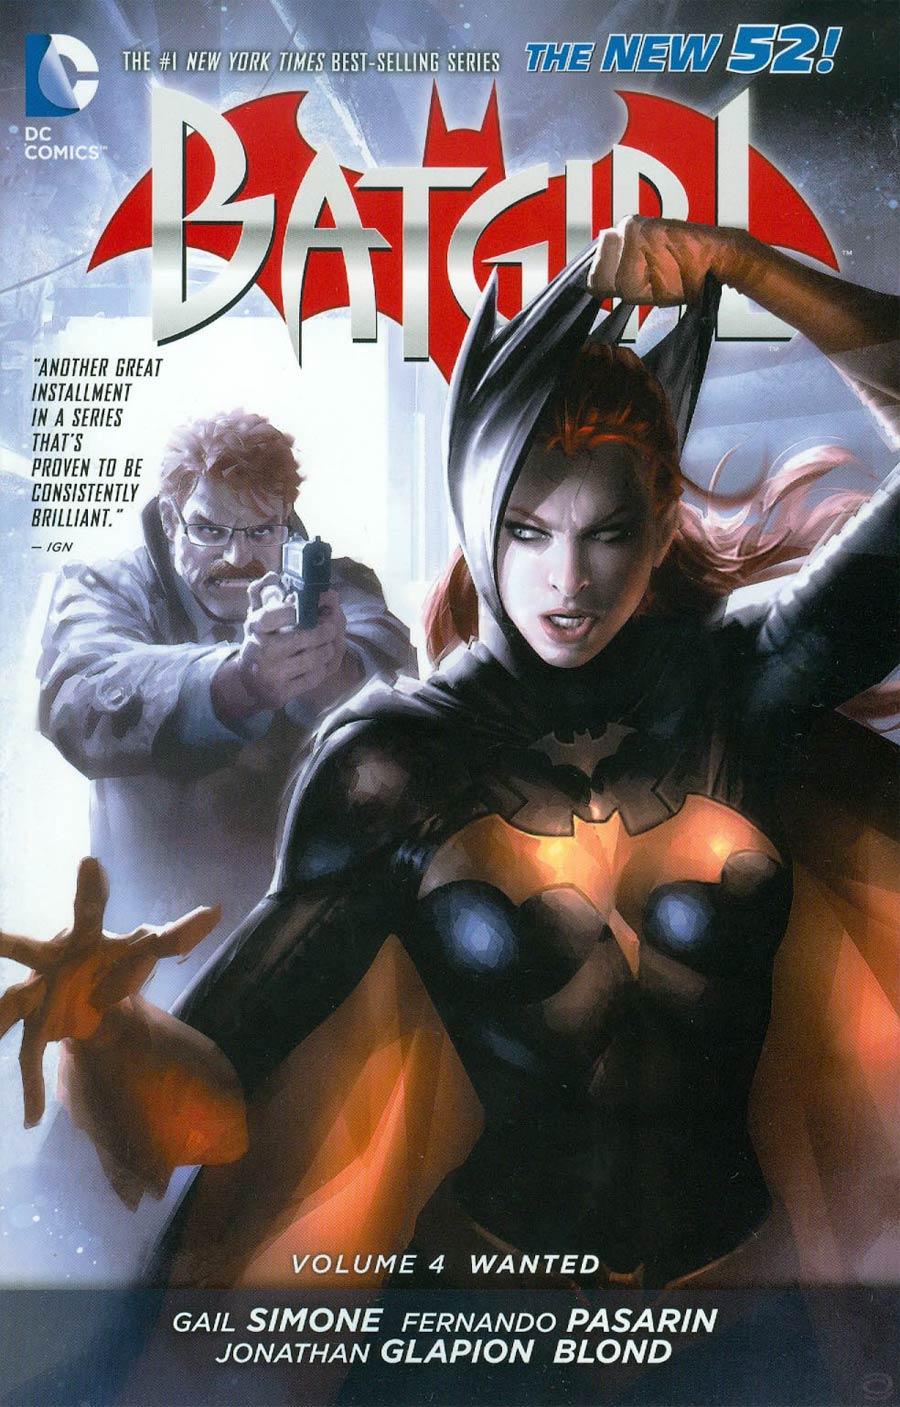 Batgirl (New 52) Vol 4 Wanted TP